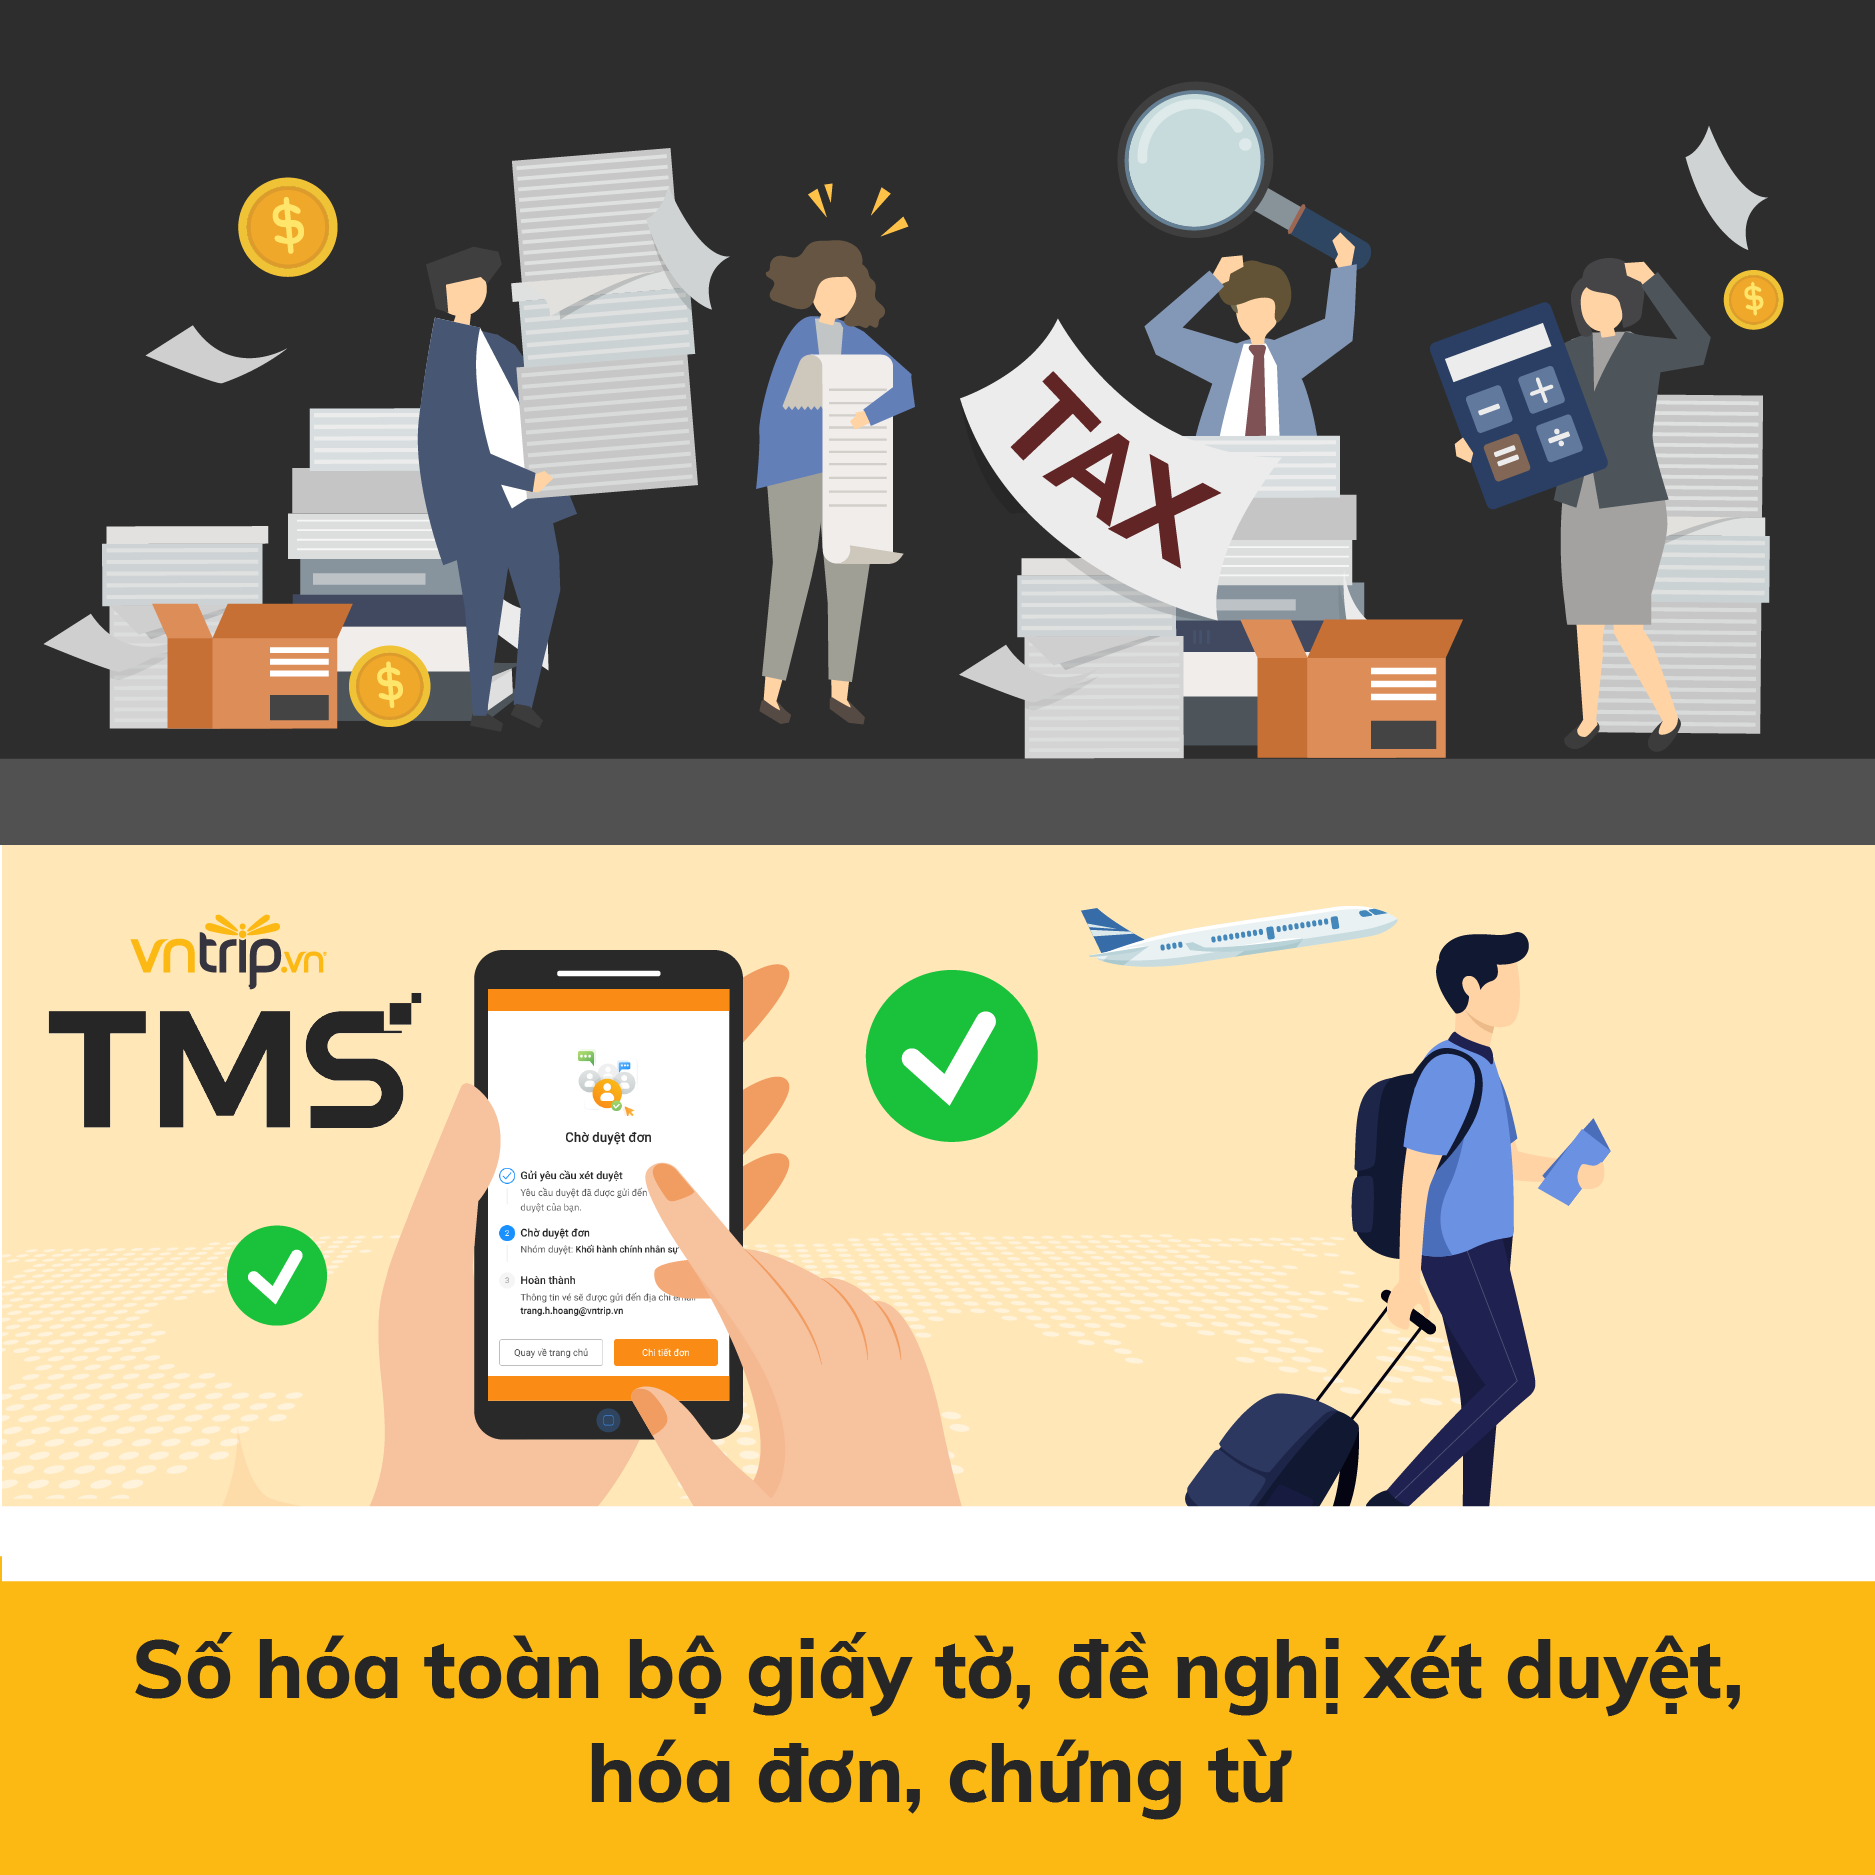 TMS giúp số hóa toàn bộ giấy tờ